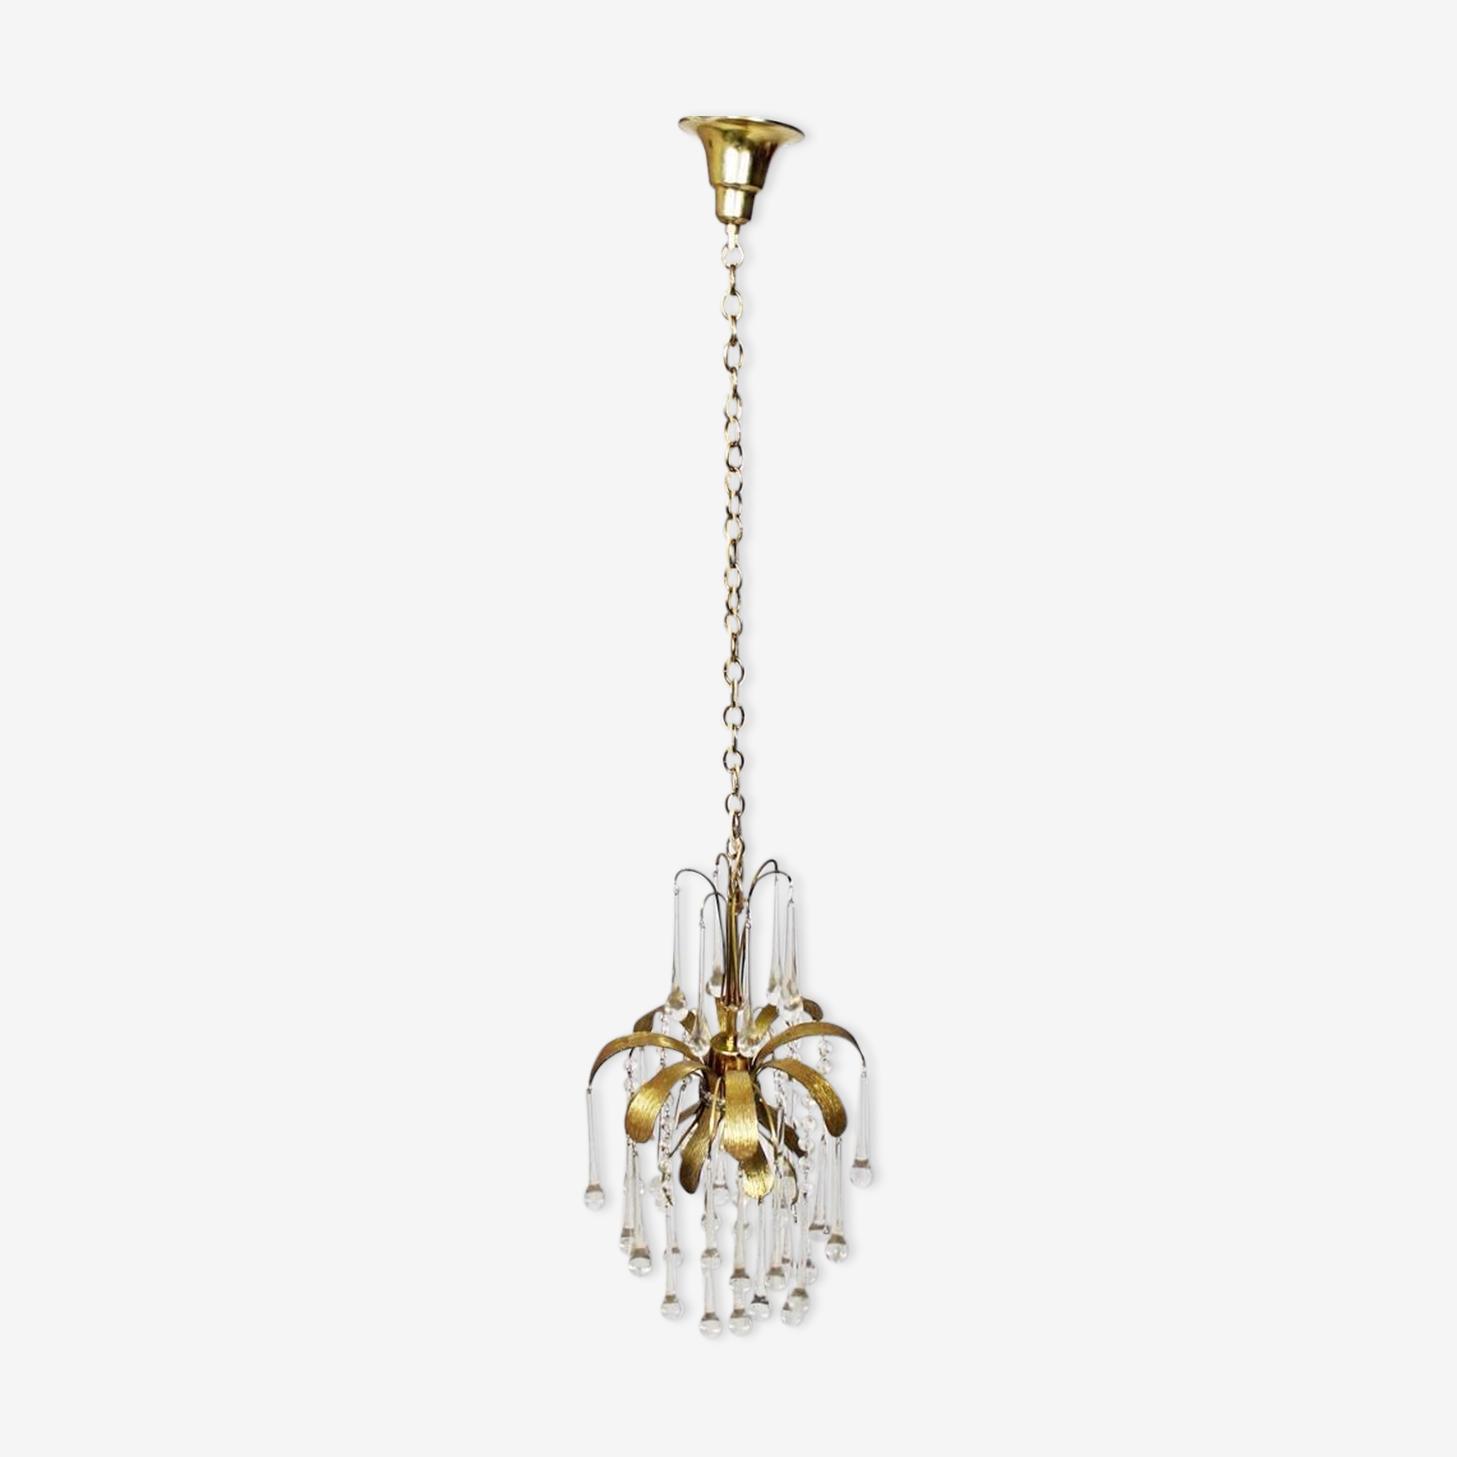 Palwa Murano chandelier